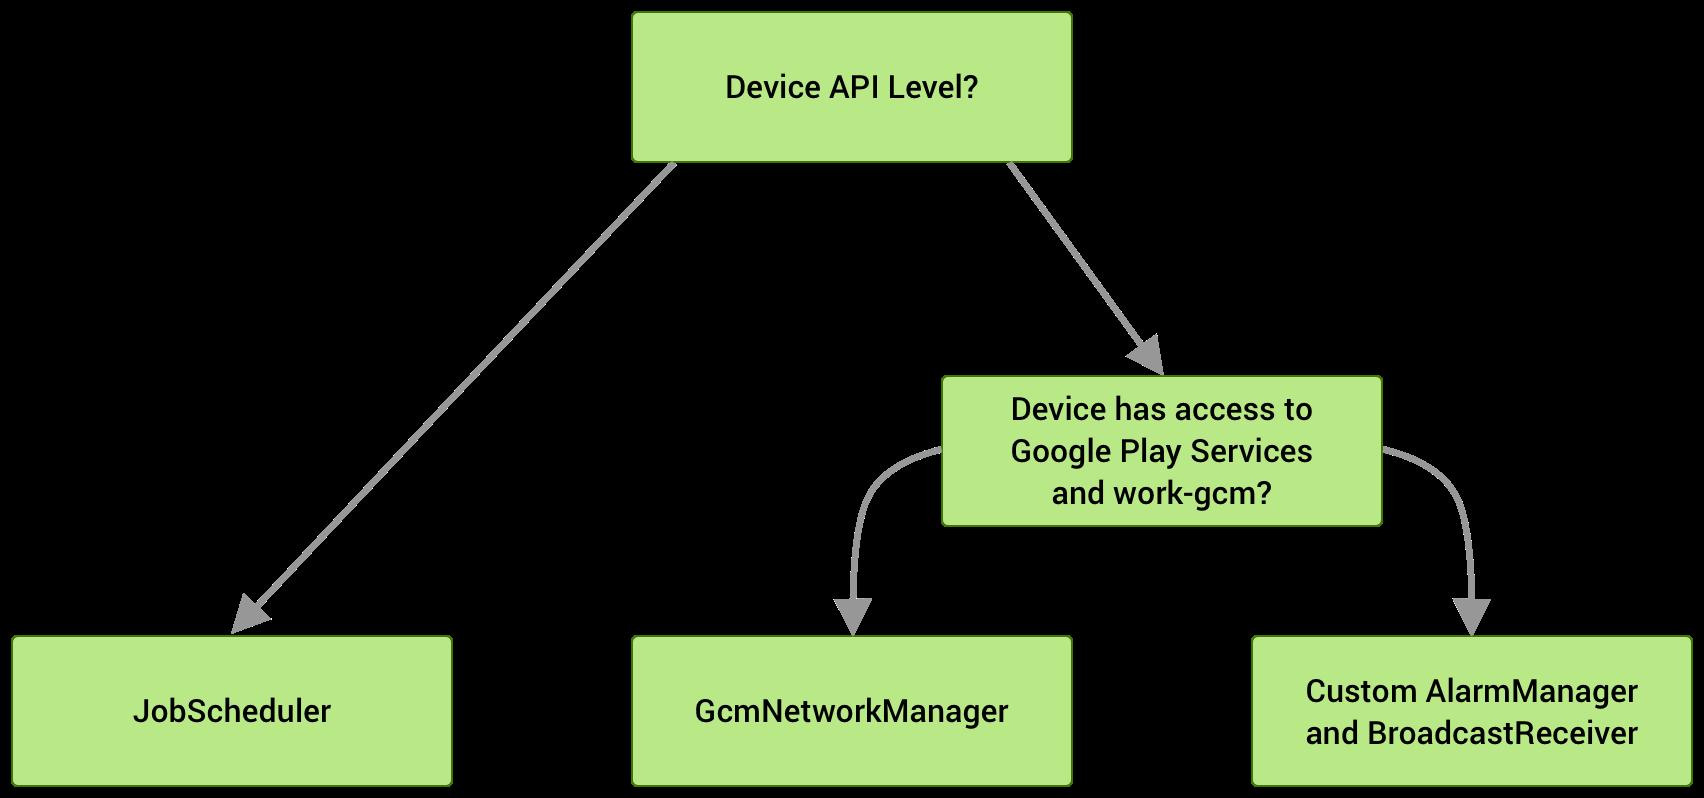 Si el dispositivo ejecuta el nivel de API23 o uno superior, se utiliza JobScheduler. En los niveles de API14 a 22, se elige GcmNetworkManager si está disponible. De lo contrario, se utiliza como resguardo una implementación personalizada de AlarmManager y BroadcastReceiver.